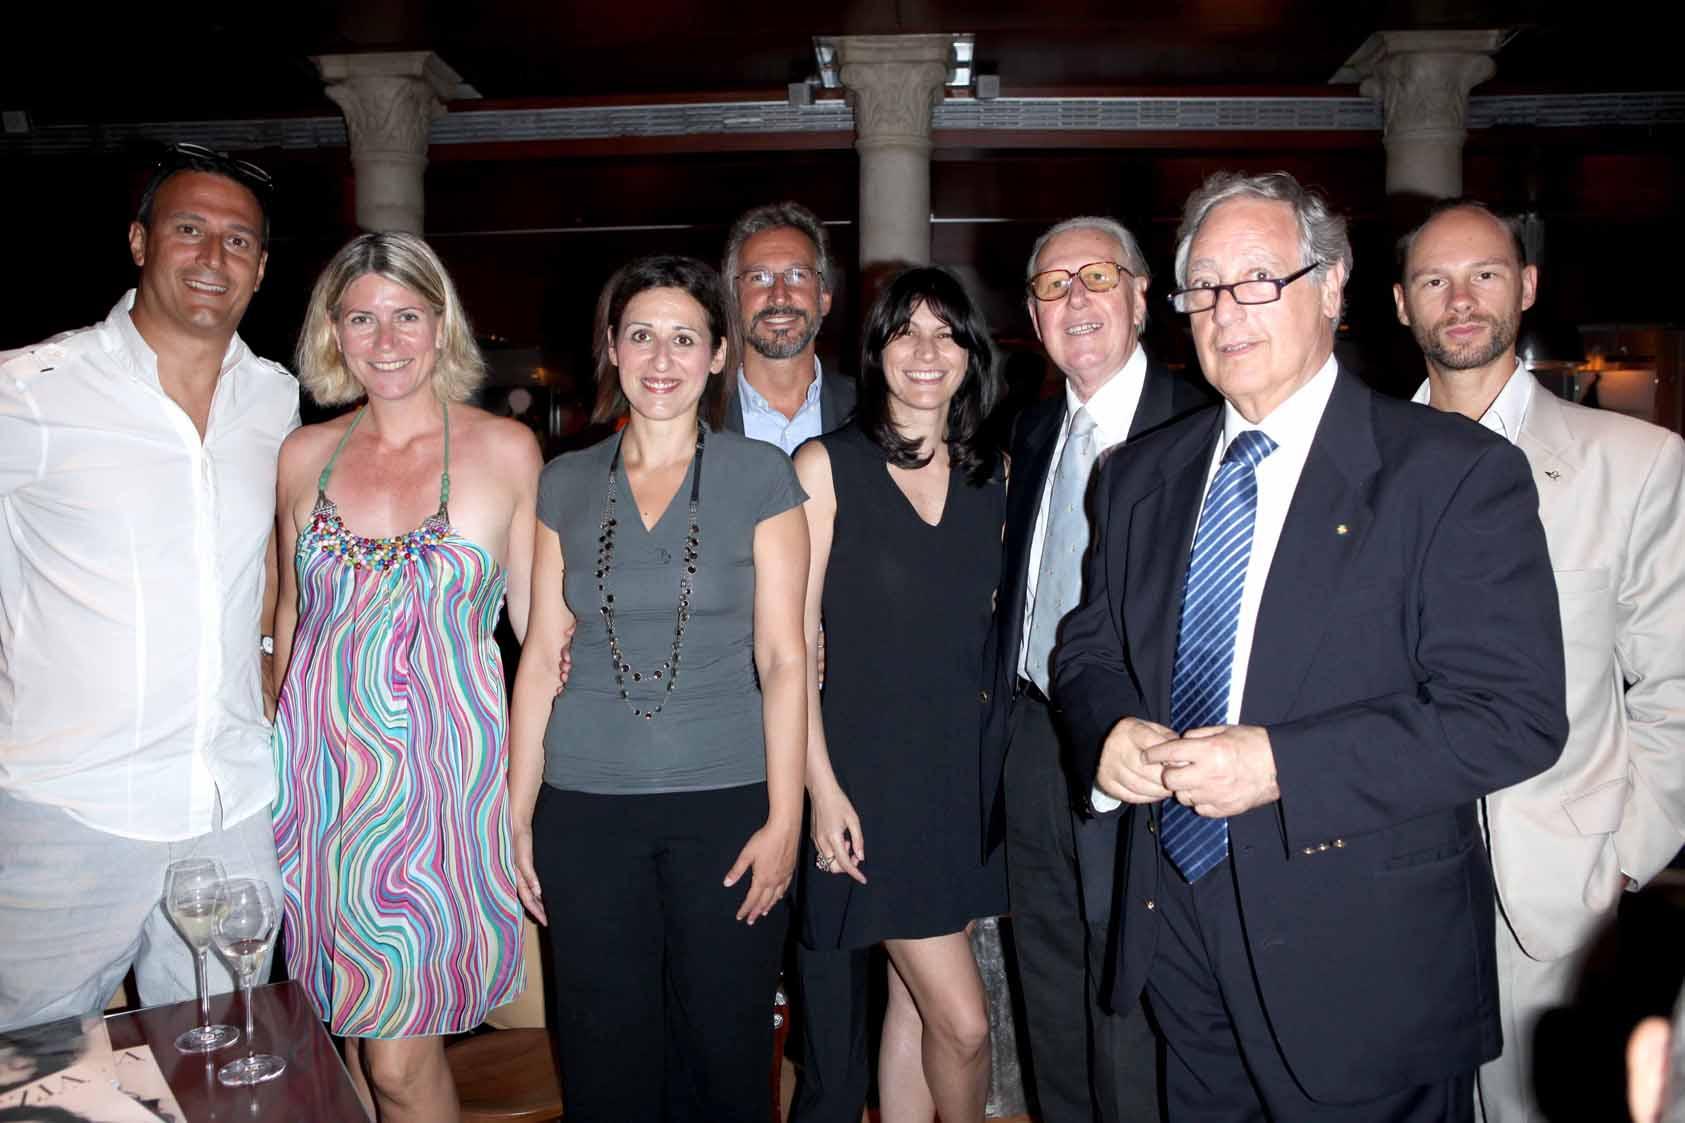 VENEZIA 06-07-2011 PALAZZINA GRASSI. PRESENTAZIONE DELLA RIVISTA VENEZOA MADE IN VENETO. NELLA FOTO:MICHELE FULIN,ELENA MAGRO,DANIELA GIUSTO,RICCARDO PETITO,FEDERICA REPETTO,GIANANTONIO SCHIAFFINO,MARIO REPETTO,DAVIDE BUSATO